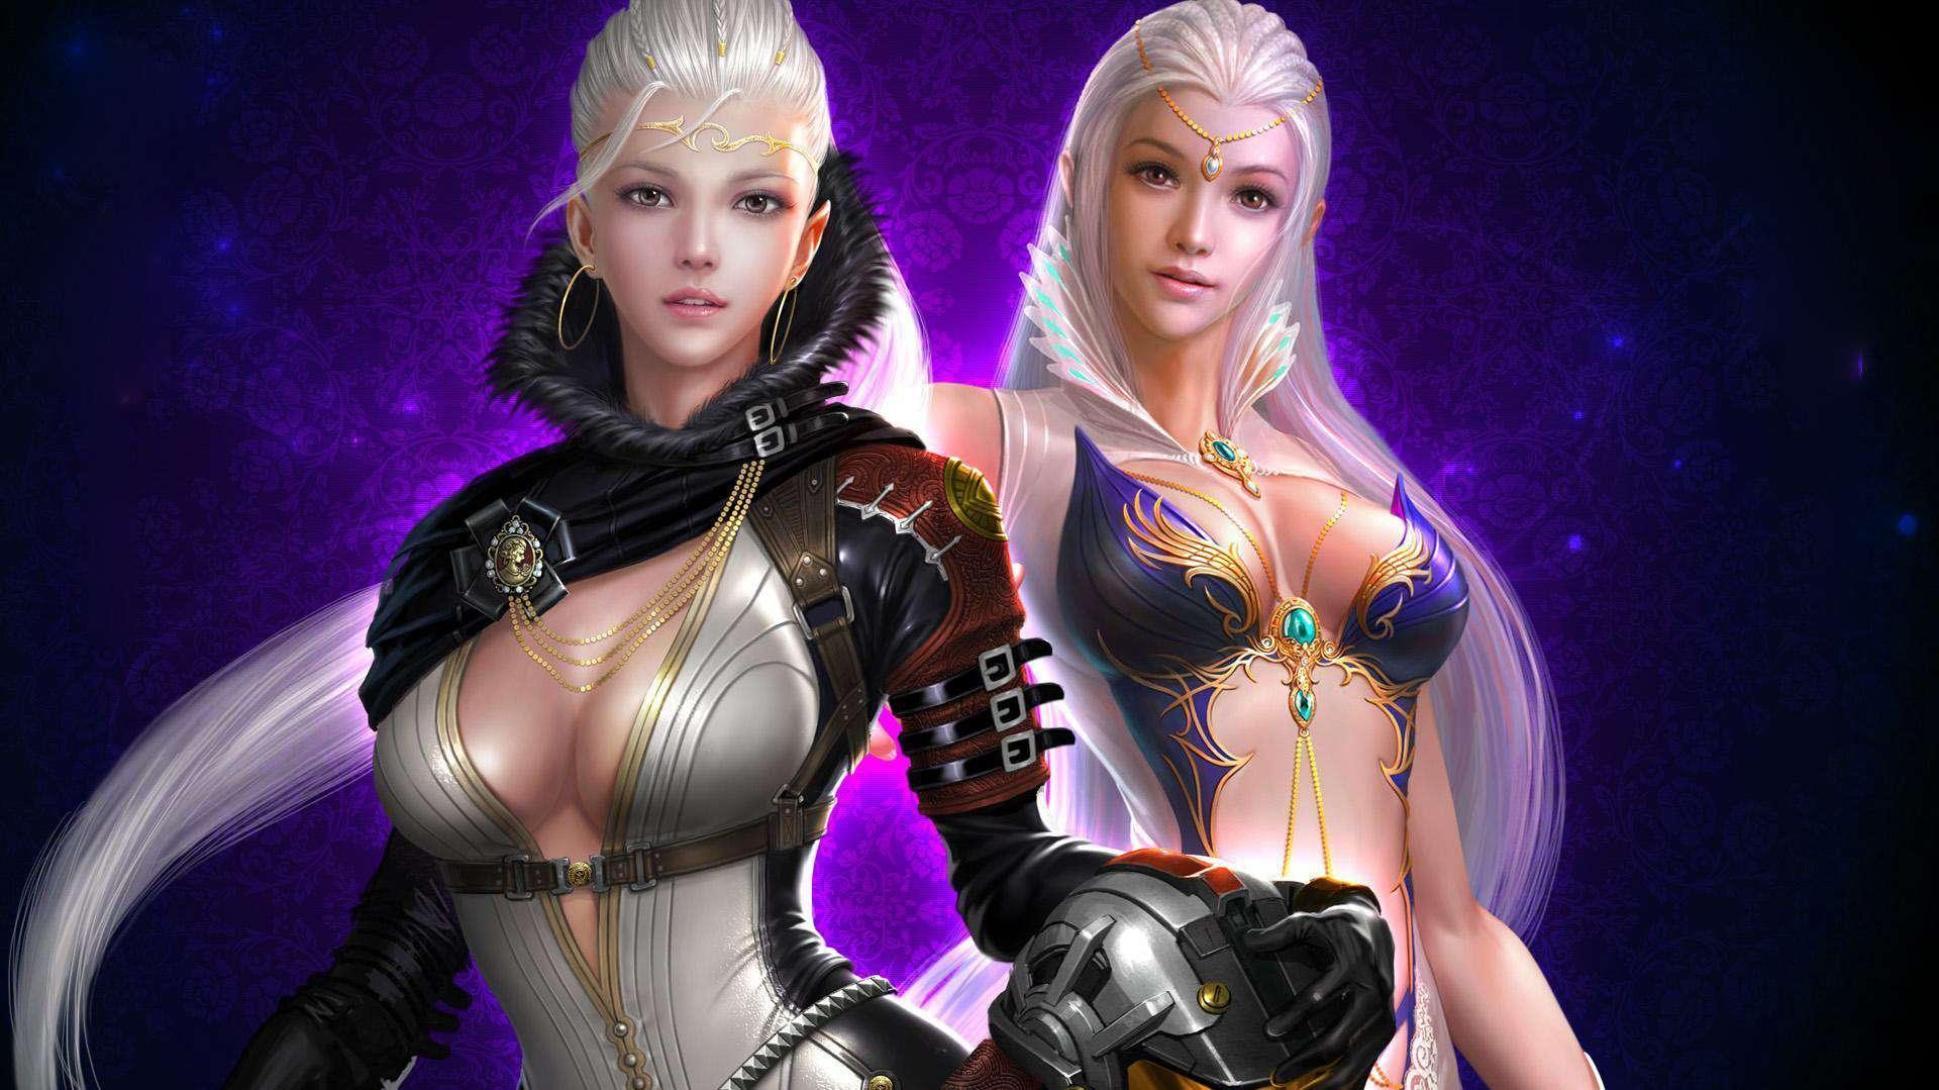 Women warrior pics art pics porn images